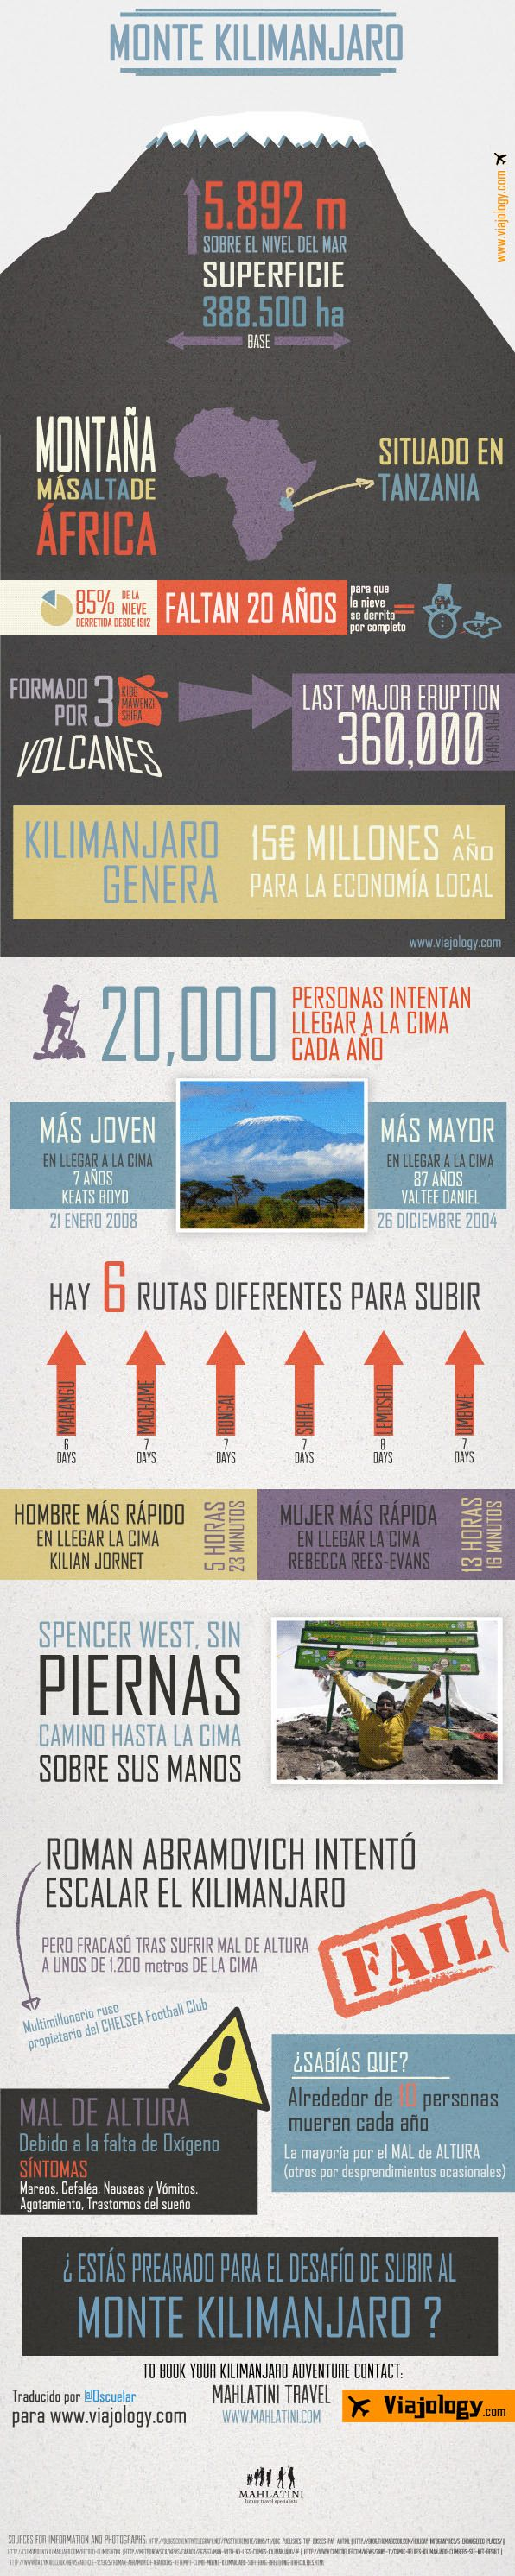 Monte Kilimanjaro #infografia #infographic #tourism